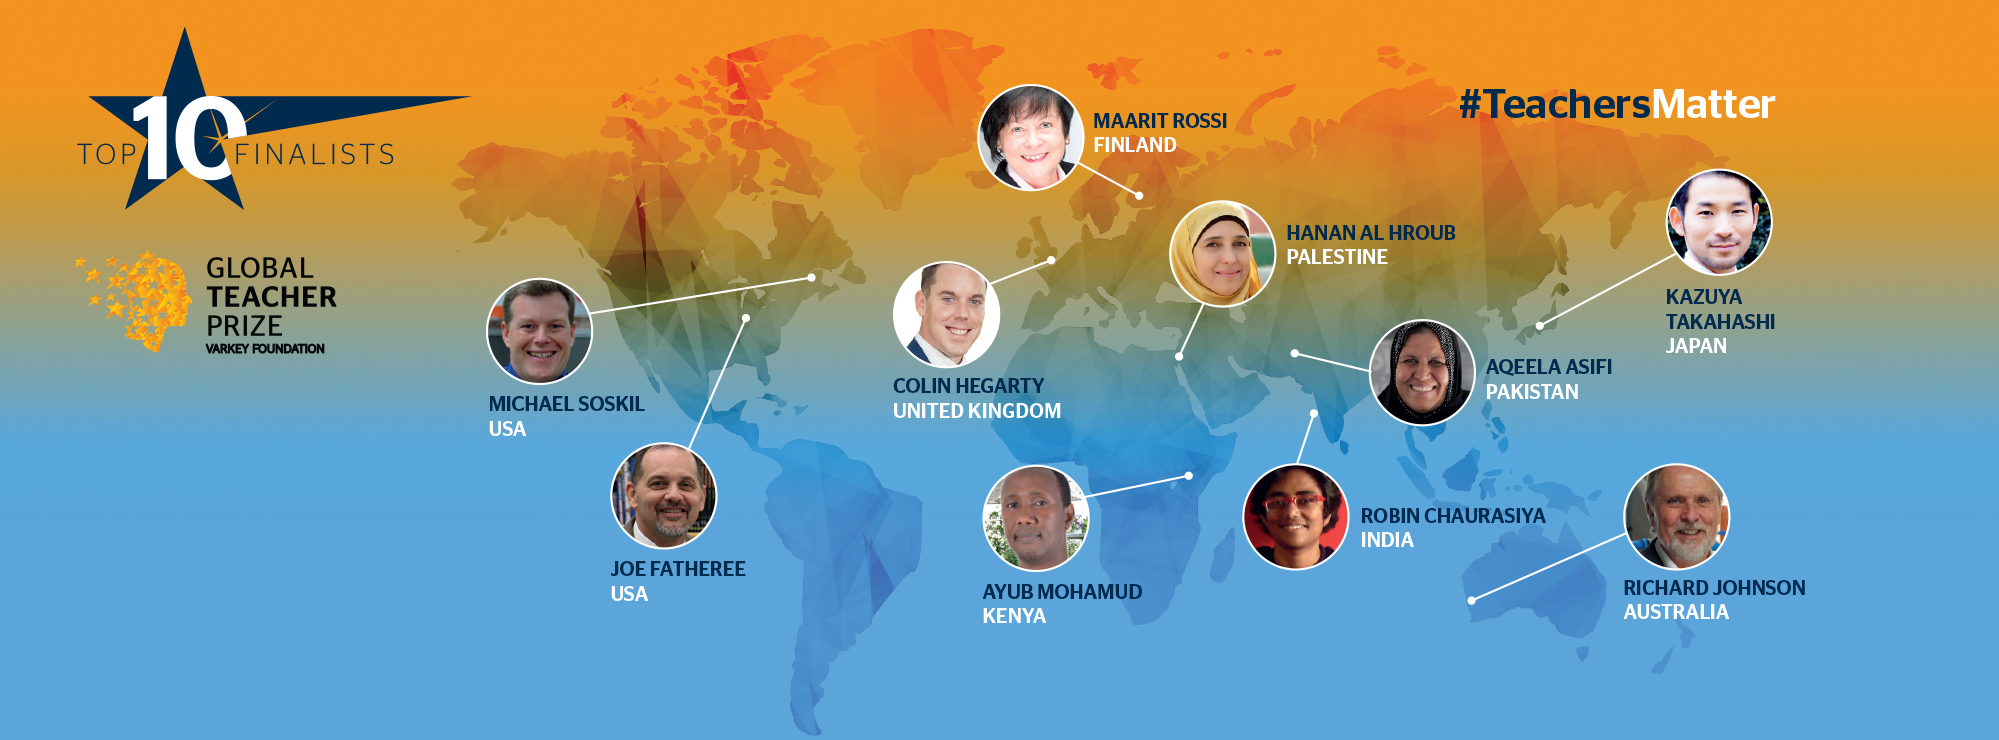 Global Teacher Prize 2016 IMAGE - Hi Res